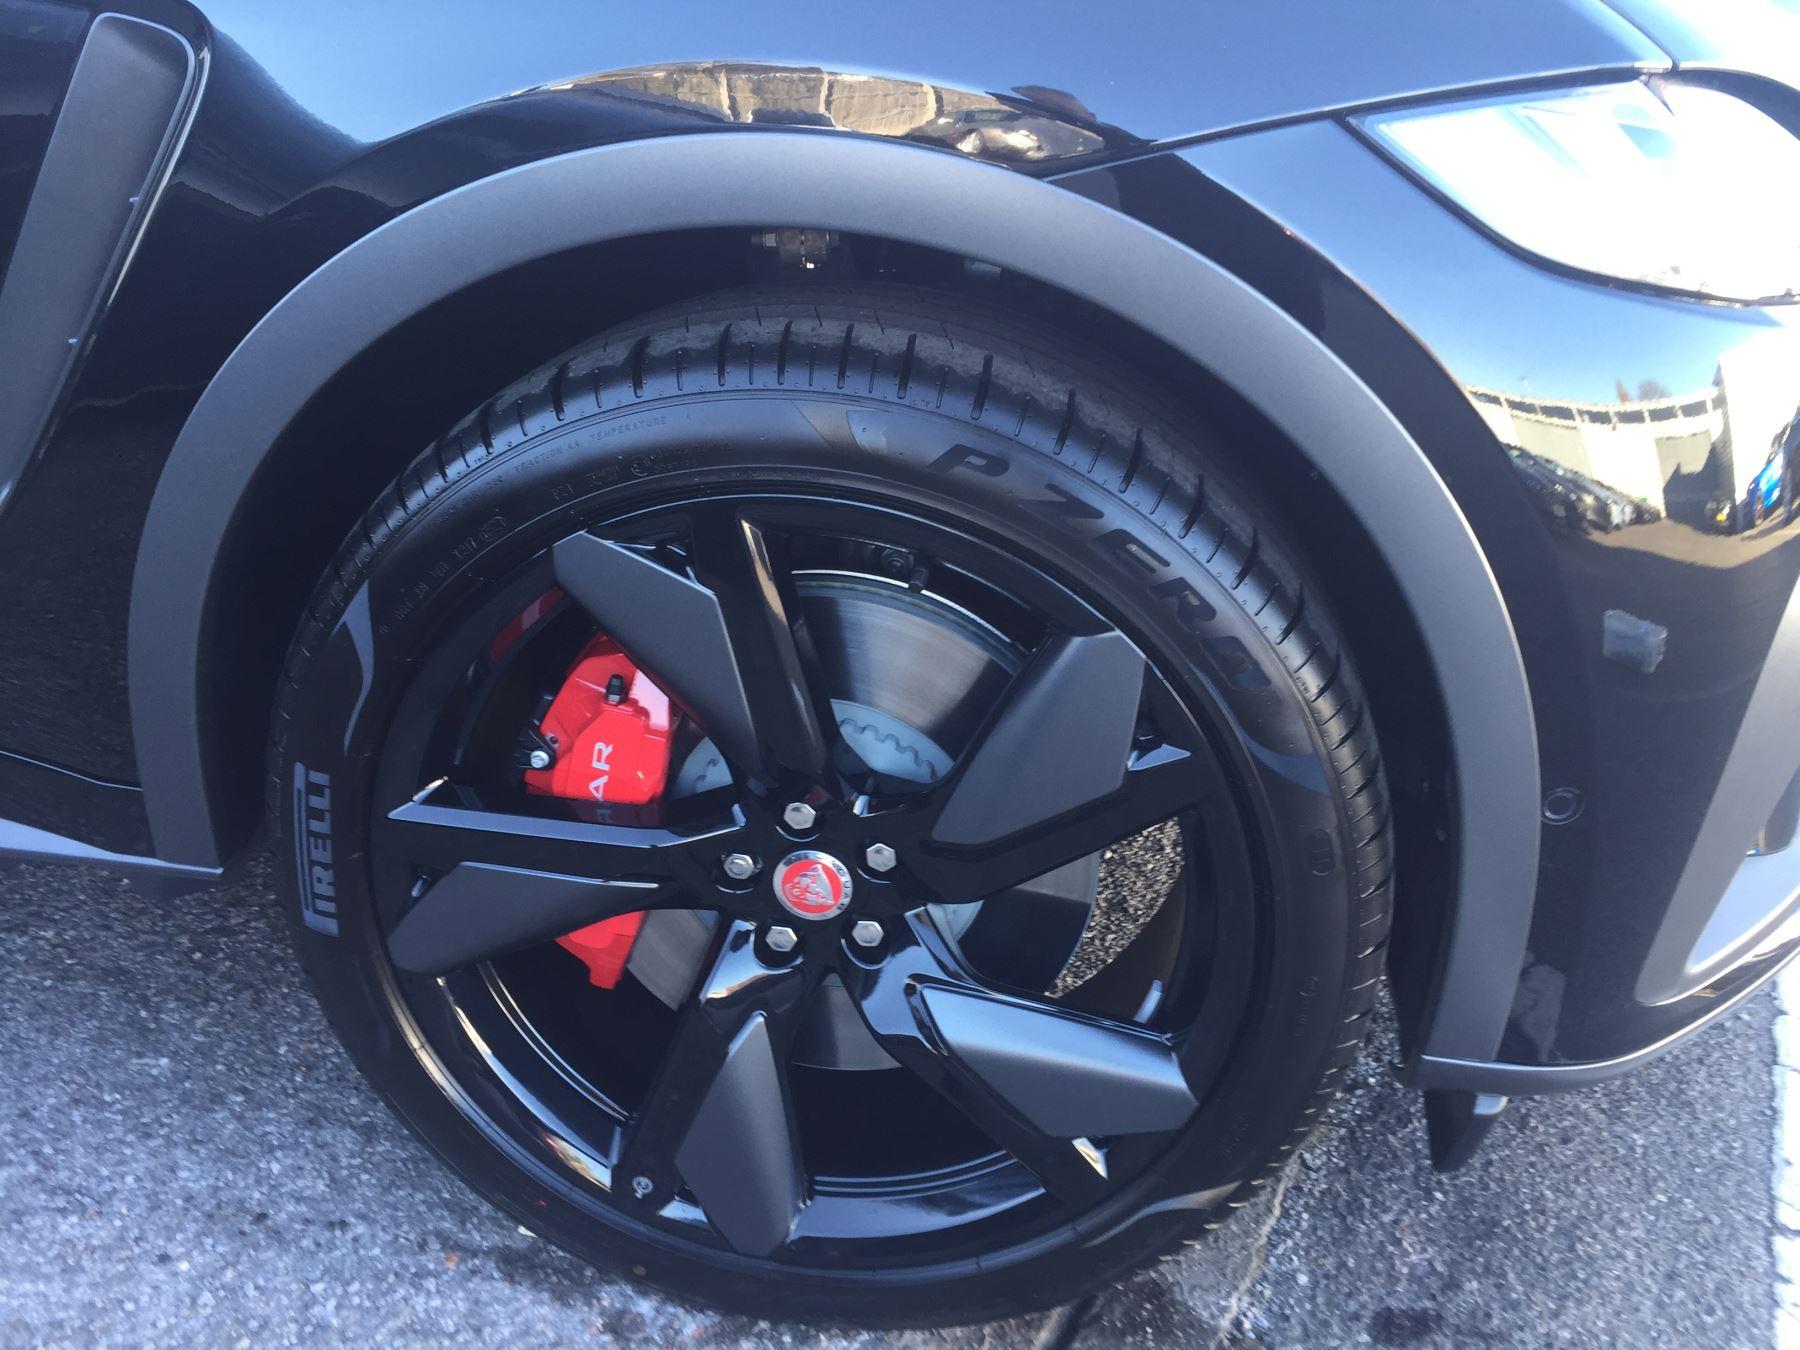 Jaguar F-PACE 5.0 Supercharged V8 SVR AWD image 4